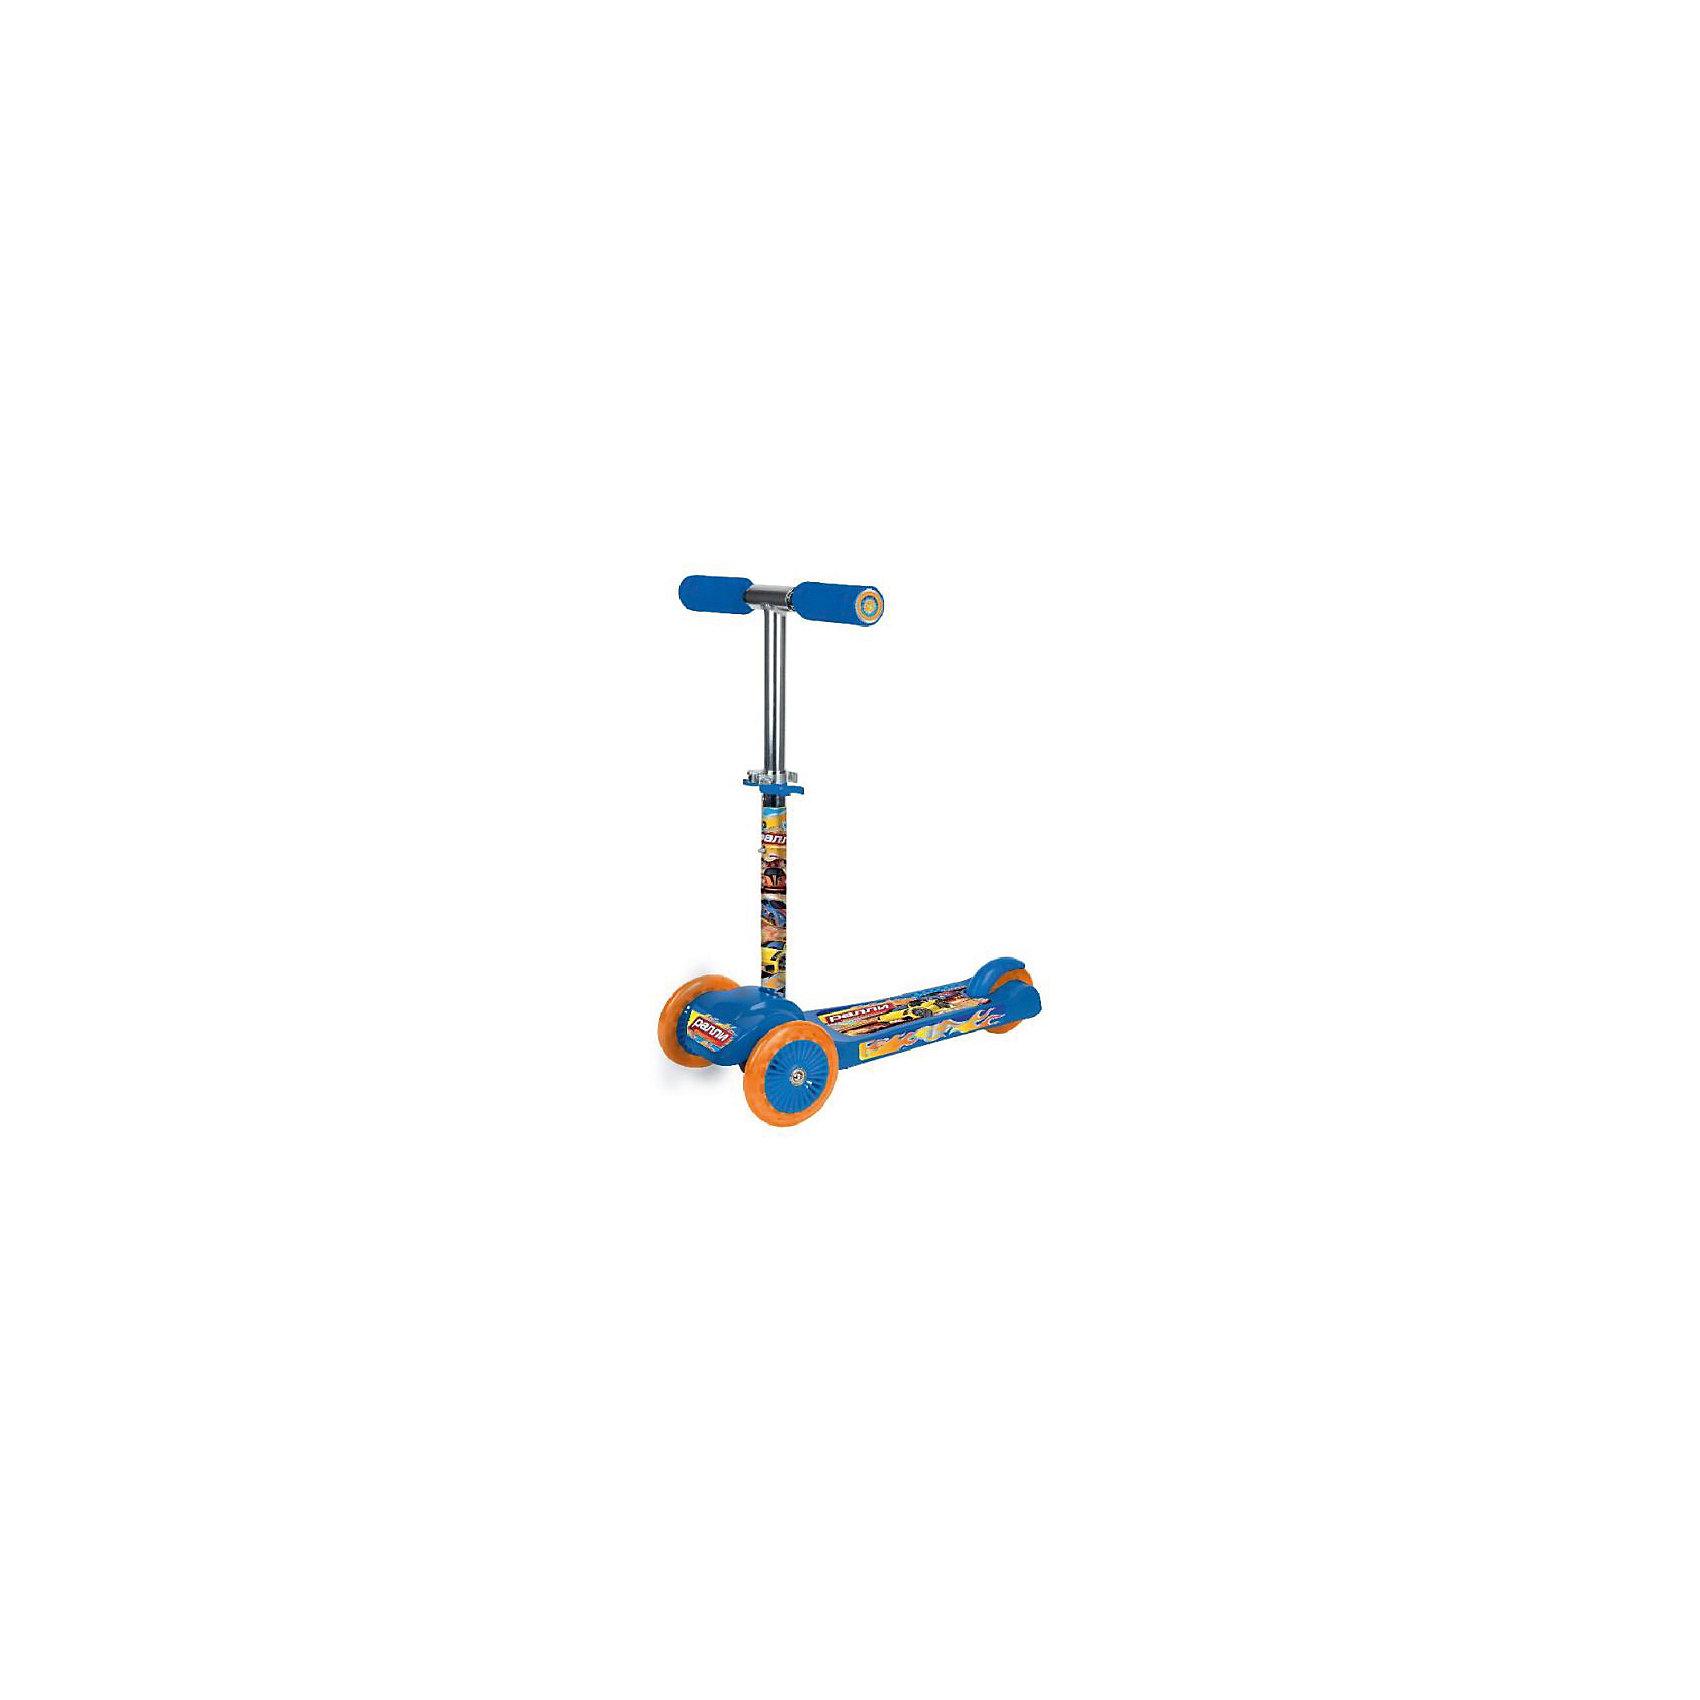 Трехколесный самокат Rally, Next, голубойСамокаты<br>Характеристики товара:<br><br>• цвет: голубой<br>• принт: Rally<br>• колеса: ПВХ, передние 120 мм, заднее 80 мм<br>• платформа 34 х 10 см <br>• противоскользящее покрытие<br>• высокоточный подшипник abec-5<br>• 2 положения высоты руля<br>• управление наклоном<br>• материал: пластик, сталь<br>• мягкие ручки<br>• тормоз заднего колеса<br>• максимальная нагрузка - 20 кг<br>• вес: 2850гр.<br>• размер: 33х50х63 см<br>• возраст: от 2 лет<br><br>Трехколесный самокат Rally, Next с рисунком машин понравится маленькому  гонщику. Удобная и устойчивая конструкция. Ручка самоката может изменять свою длину – от 50 см до 70 см.<br><br>Трехколесный самокат Rally, Next, розовый можно приобрести в нашем интернет-магазине.<br><br>Ширина мм: 330<br>Глубина мм: 500<br>Высота мм: 630<br>Вес г: 2680<br>Возраст от месяцев: 180<br>Возраст до месяцев: 60<br>Пол: Мужской<br>Возраст: Детский<br>SKU: 5528120